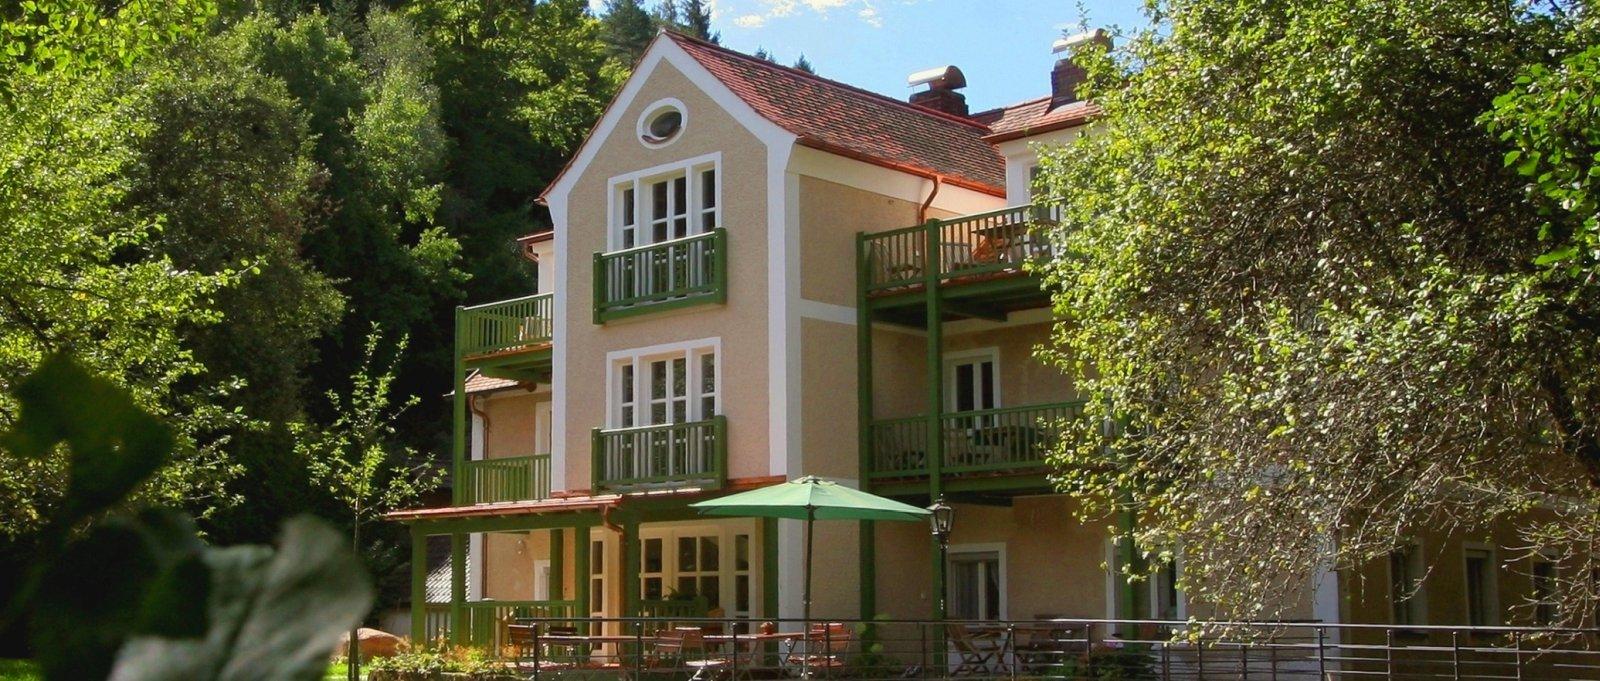 Exklusive Appartements im Oberpfälzer Wald, Alleinlage